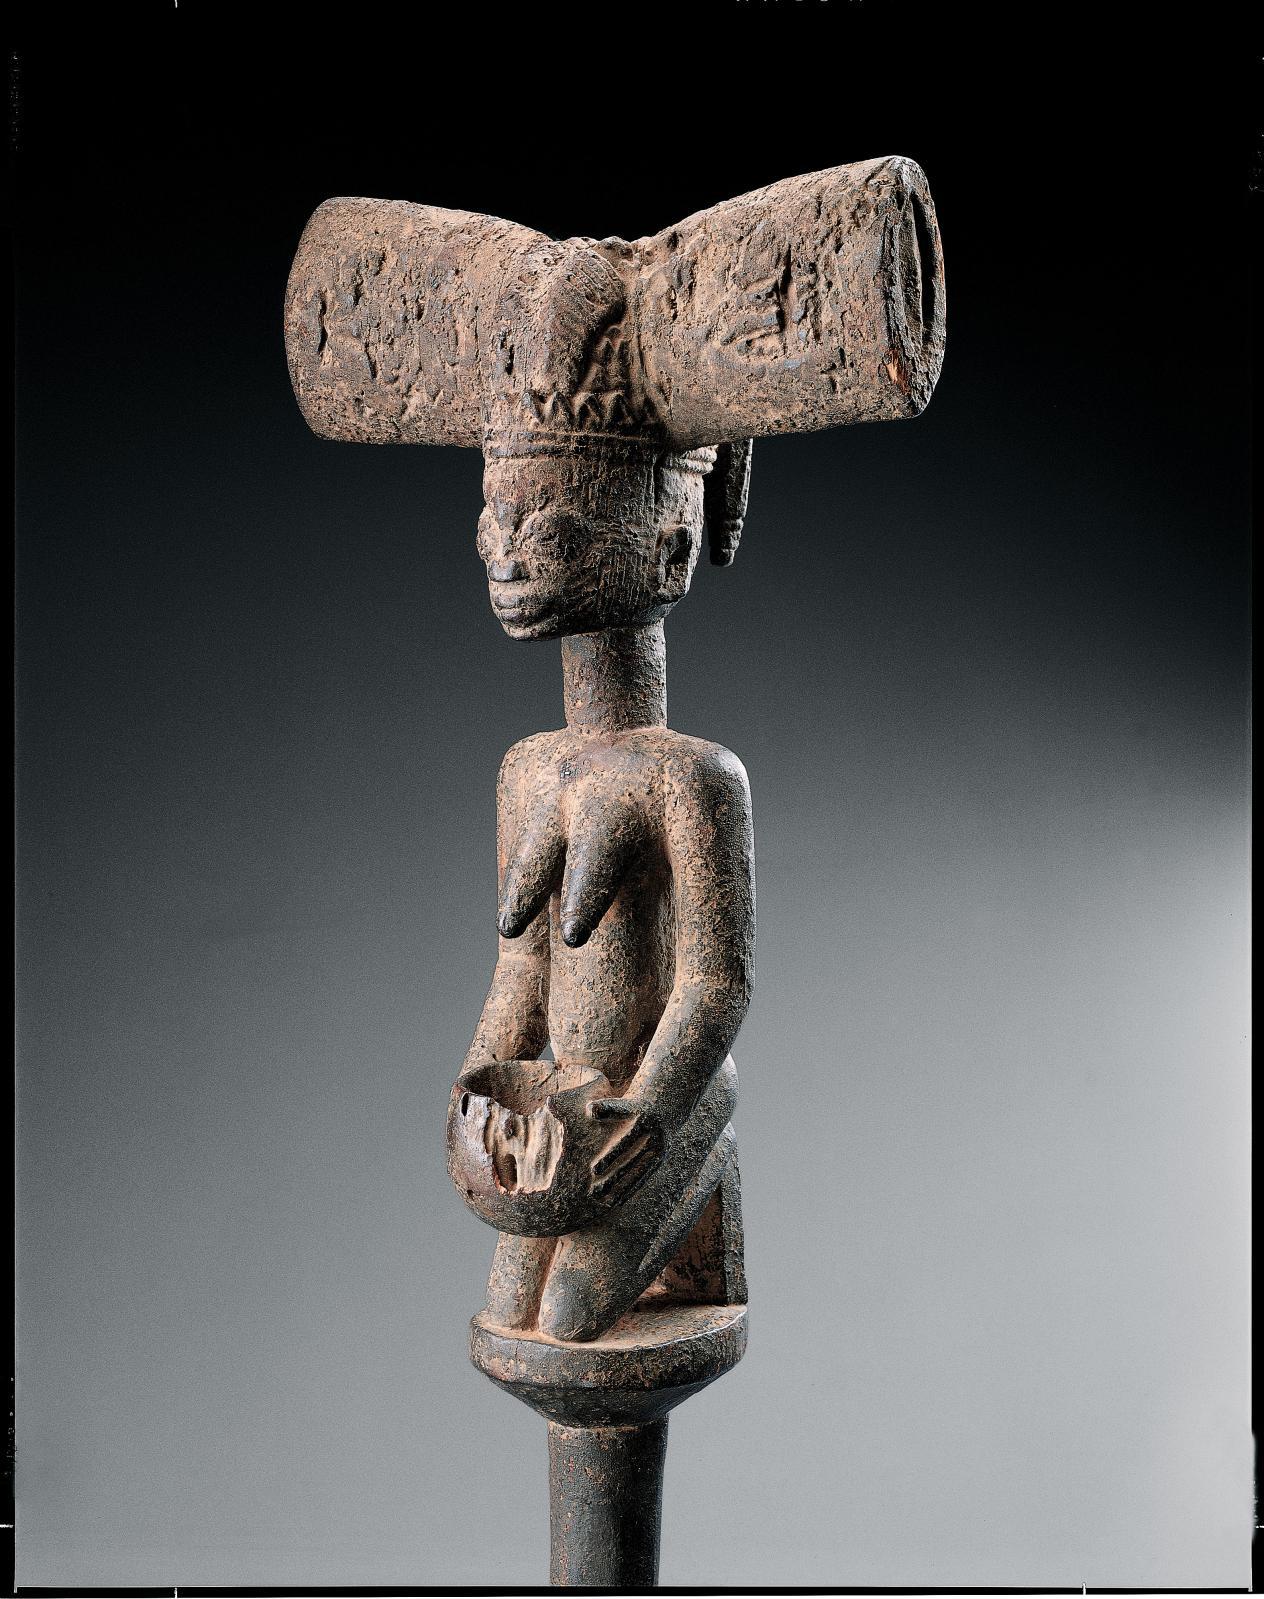 Yoruba, Nigeria. Bâton de danse oshe shango, bois et pigments, h.51cm, ancienne collection de Charles Ratton, Fondation Dapper, Paris. ©Archives Fo